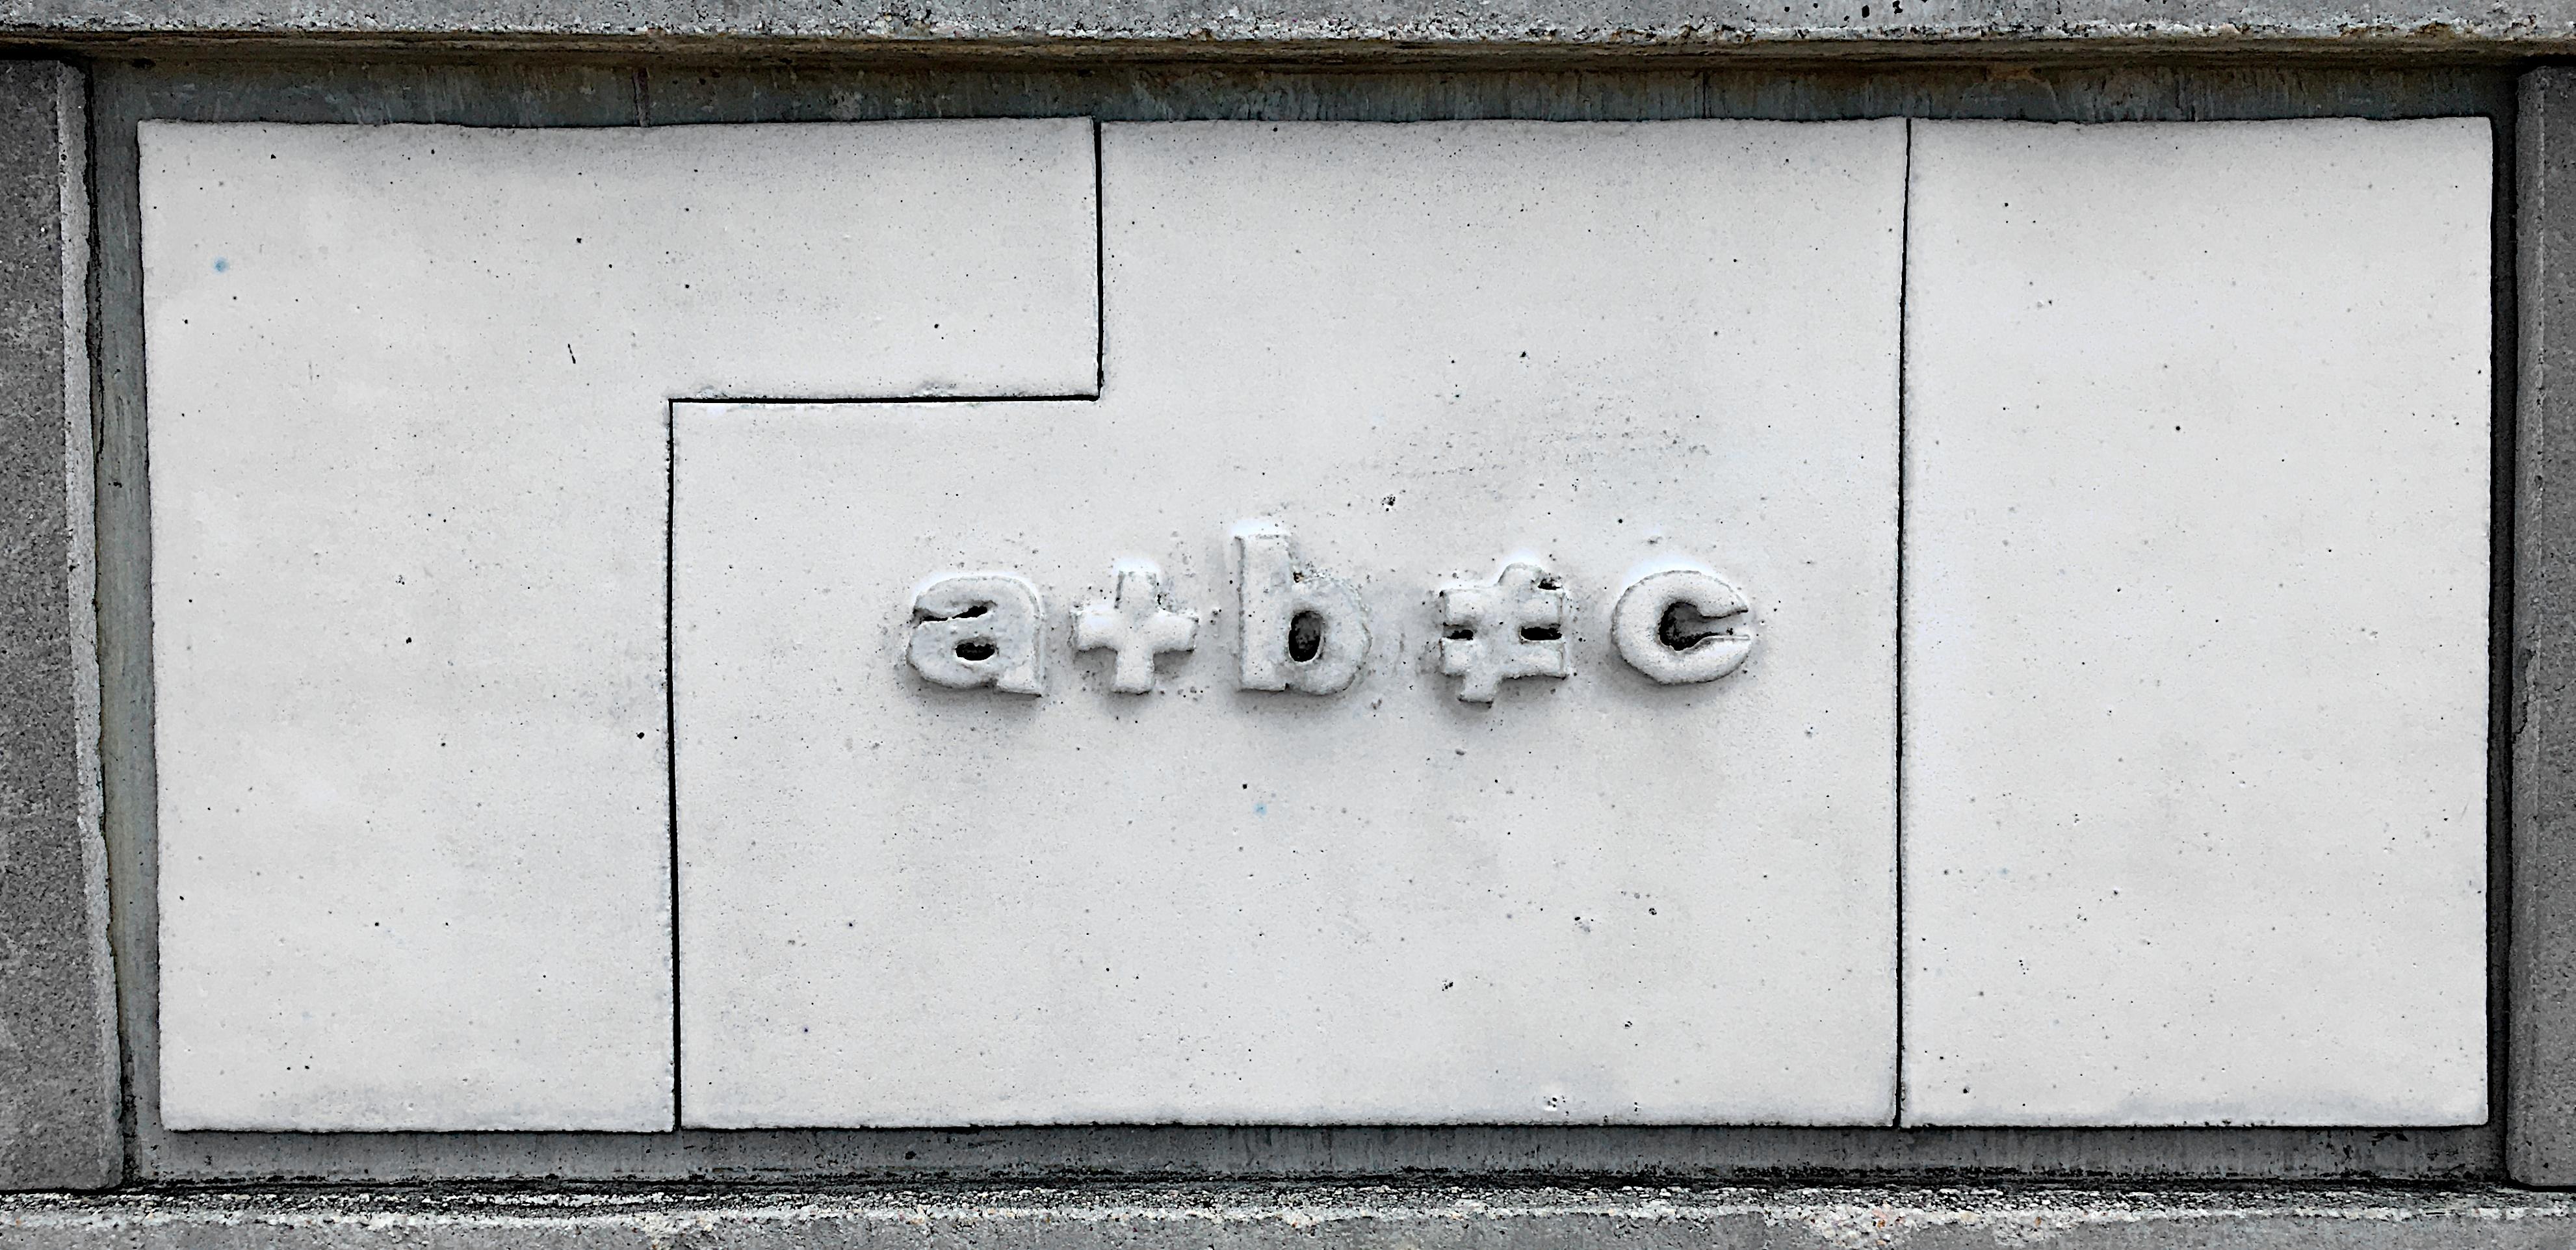 Kostenlose foto : Weiß, Fenster, Nummer, Mauer, Tür, Mathe, Kunst ...